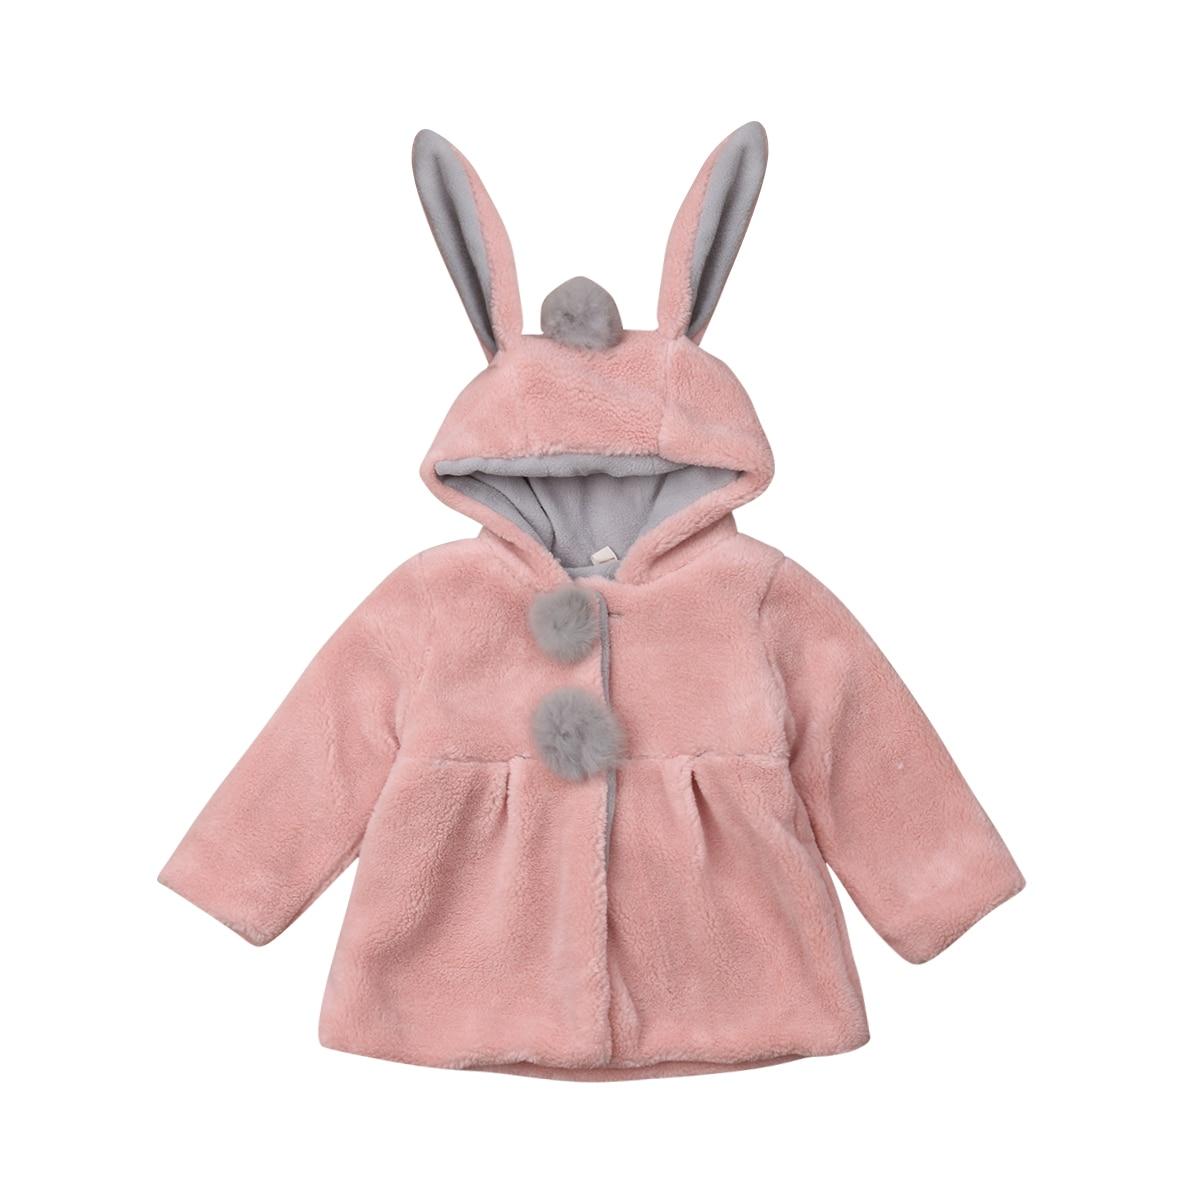 2019 Winter Newborn Kid Baby Mädchen Mit Kapuze Plüsch Mantel Baumwolle Mode Jacke Niedlichen Kaninchen Ohr Hoodies Kleidung Großhandel Dropshipping GroßEs Sortiment